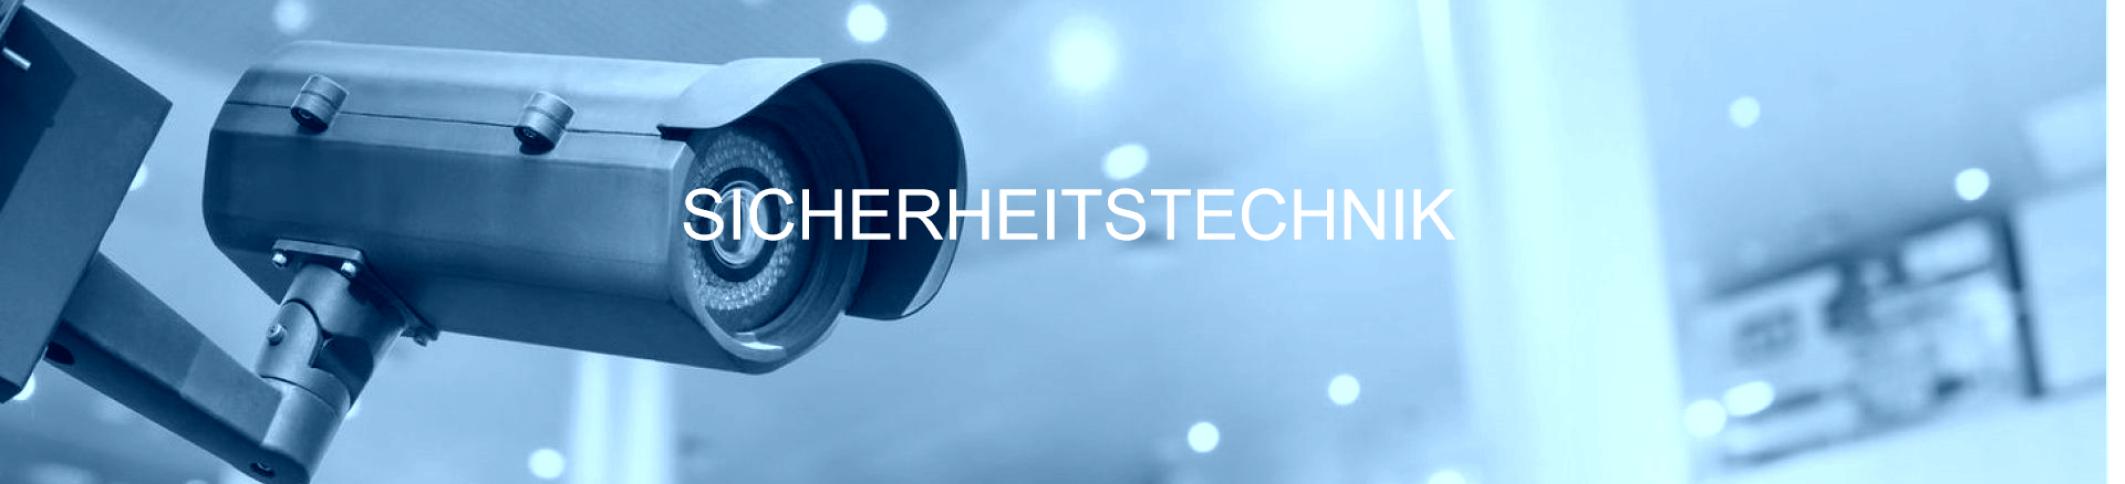 Sicherheitstechnik, Videoüberwachung, Einbruchschutz, Einbruchmeldeanlage, Alarmanlage